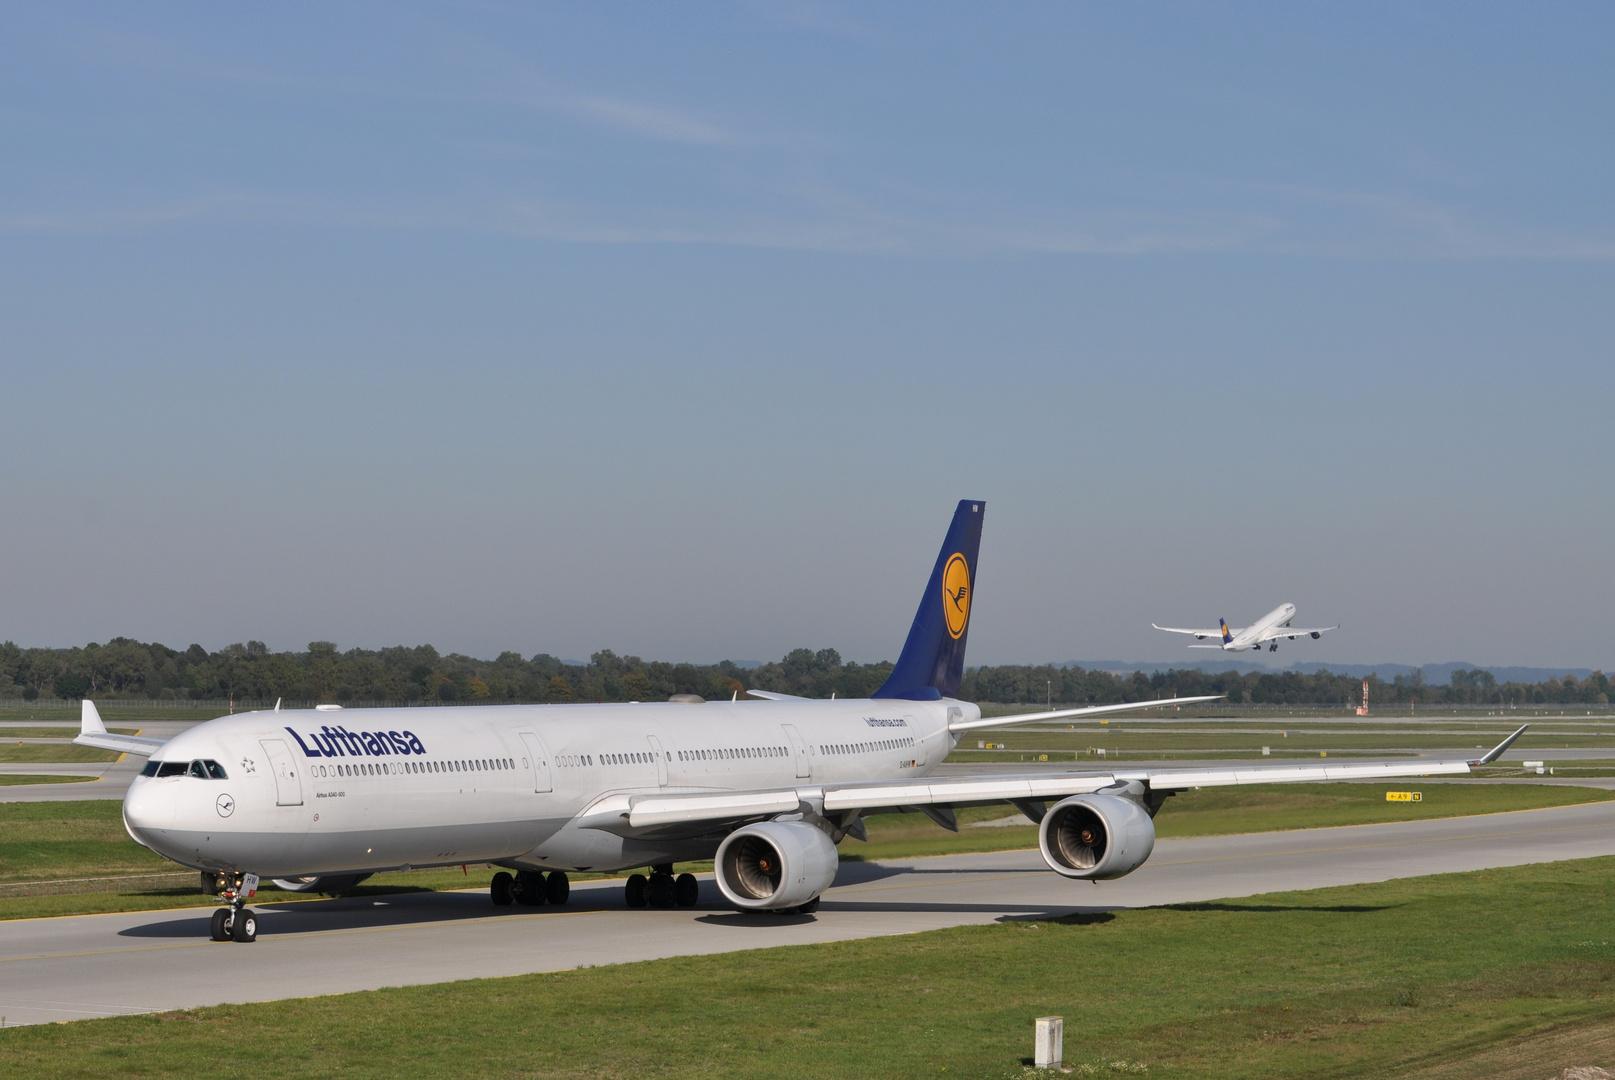 Lufthansa D-AIHW